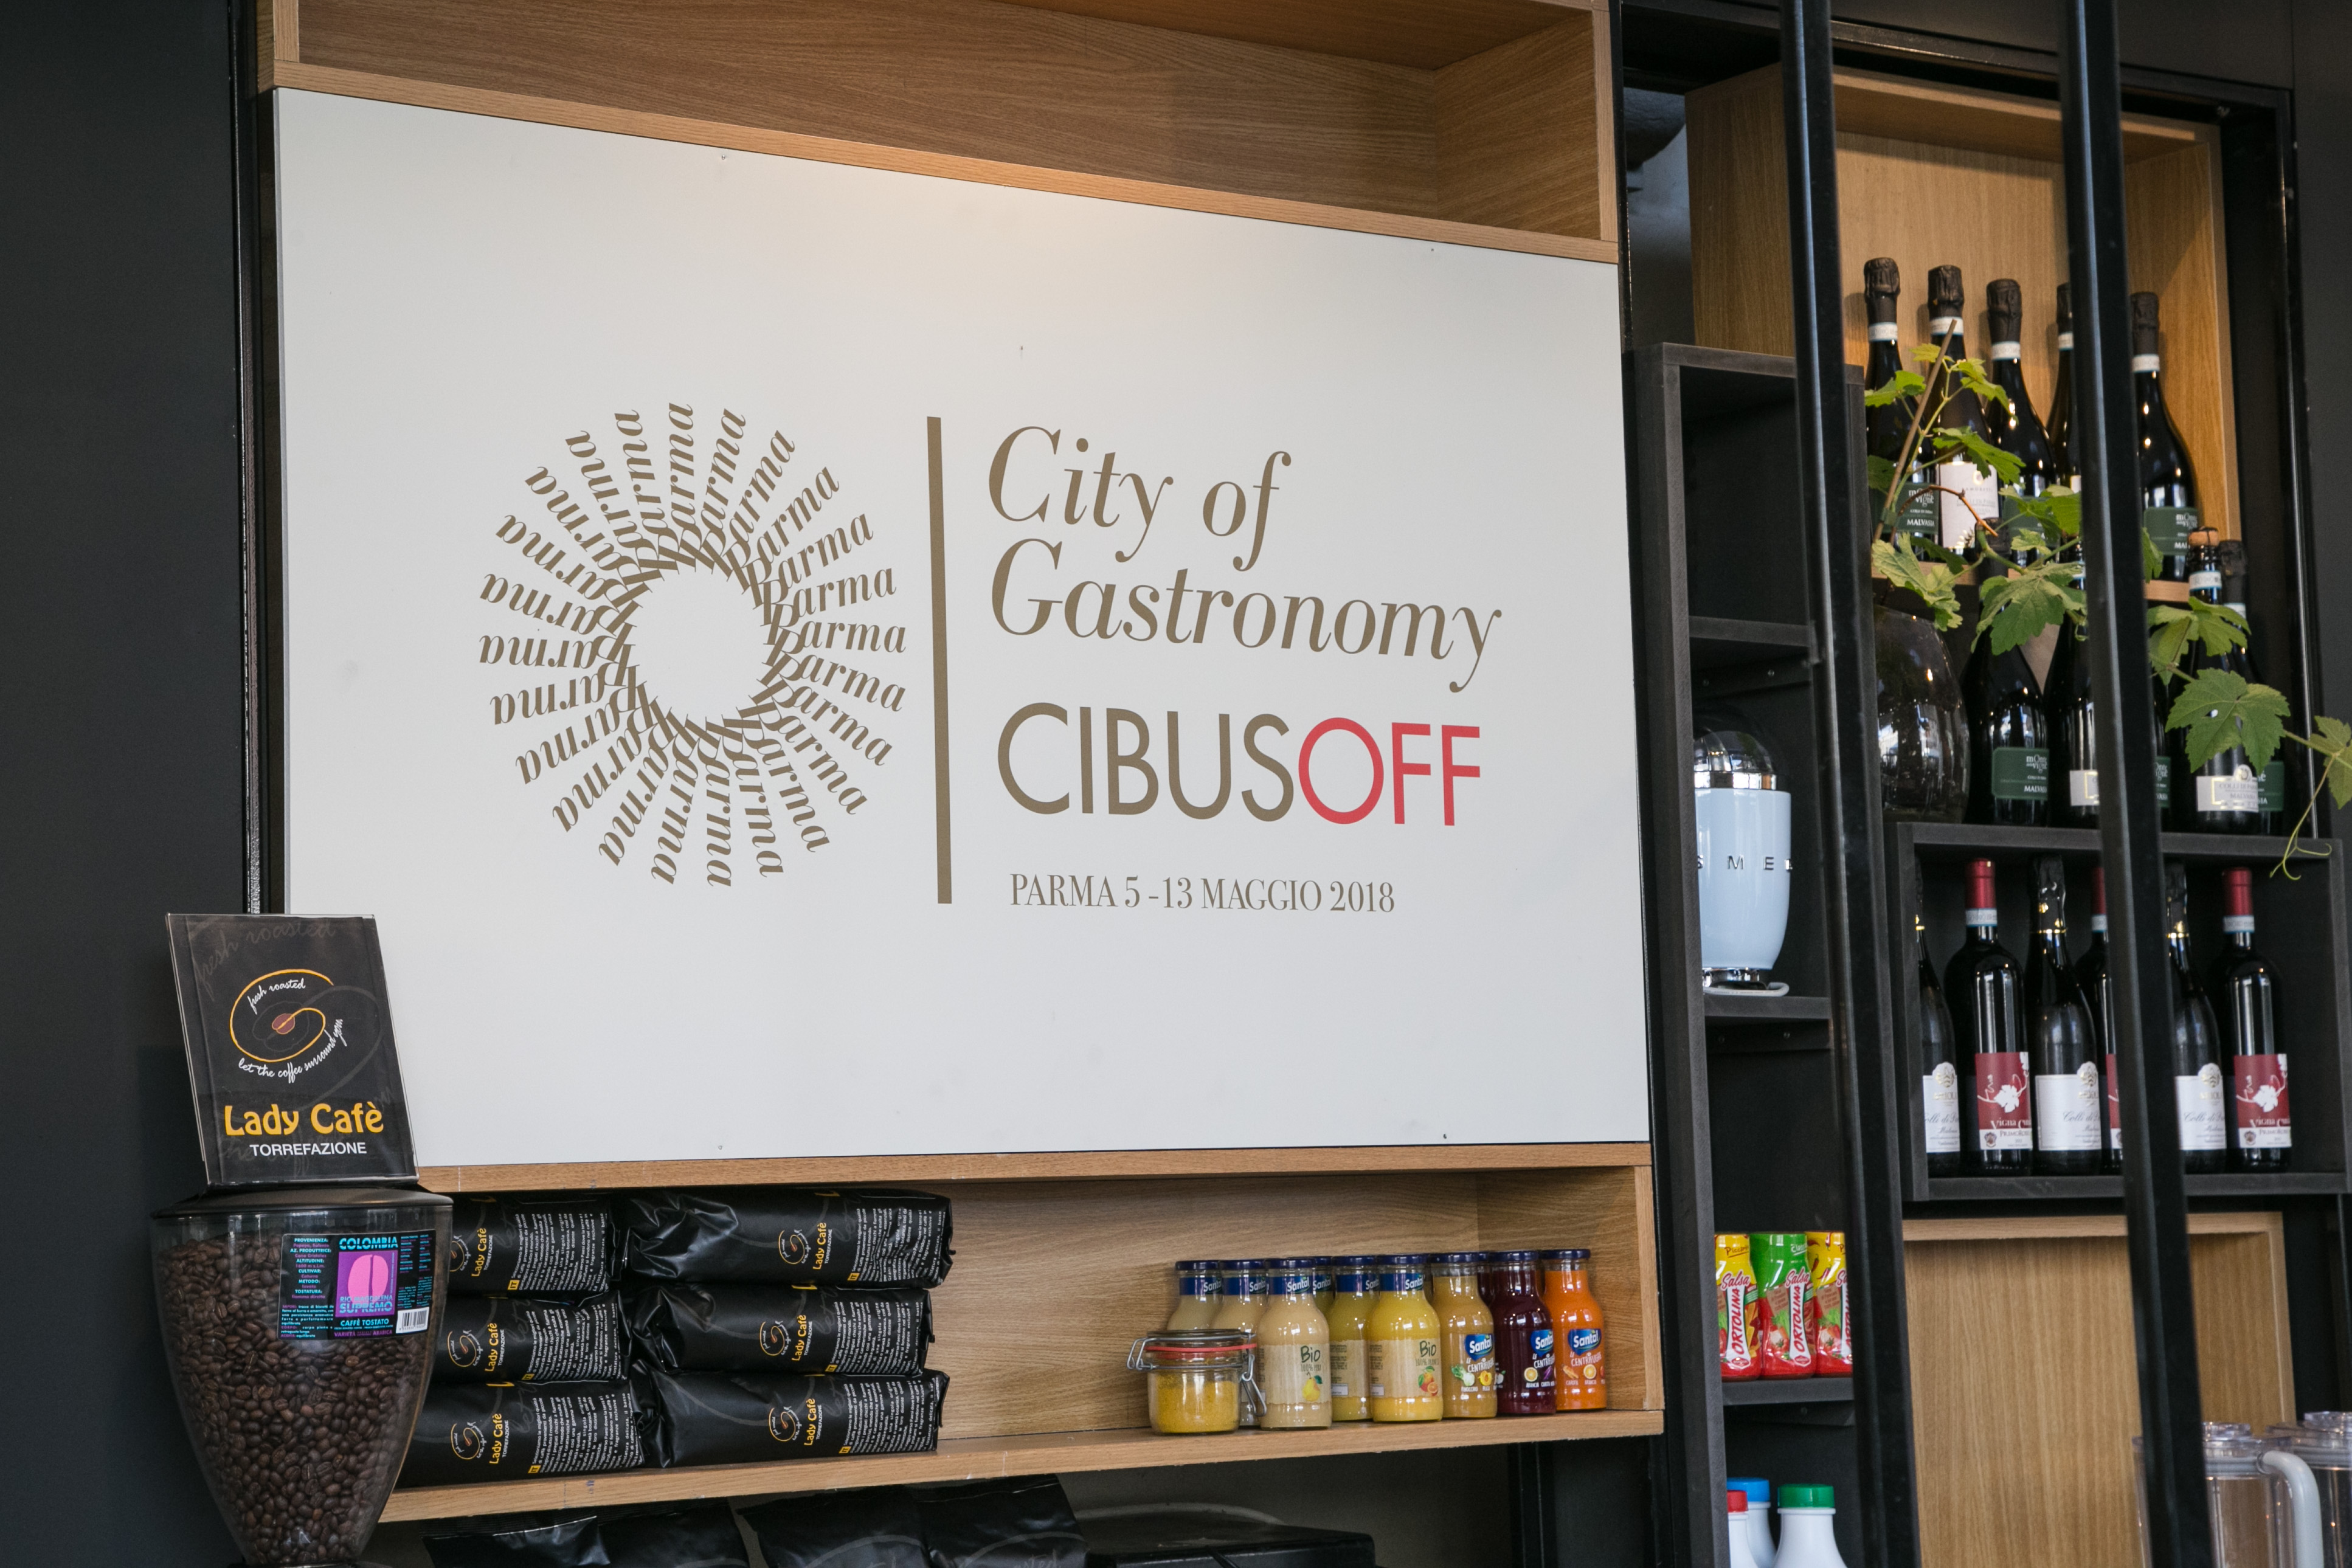 Cibus Off 2018